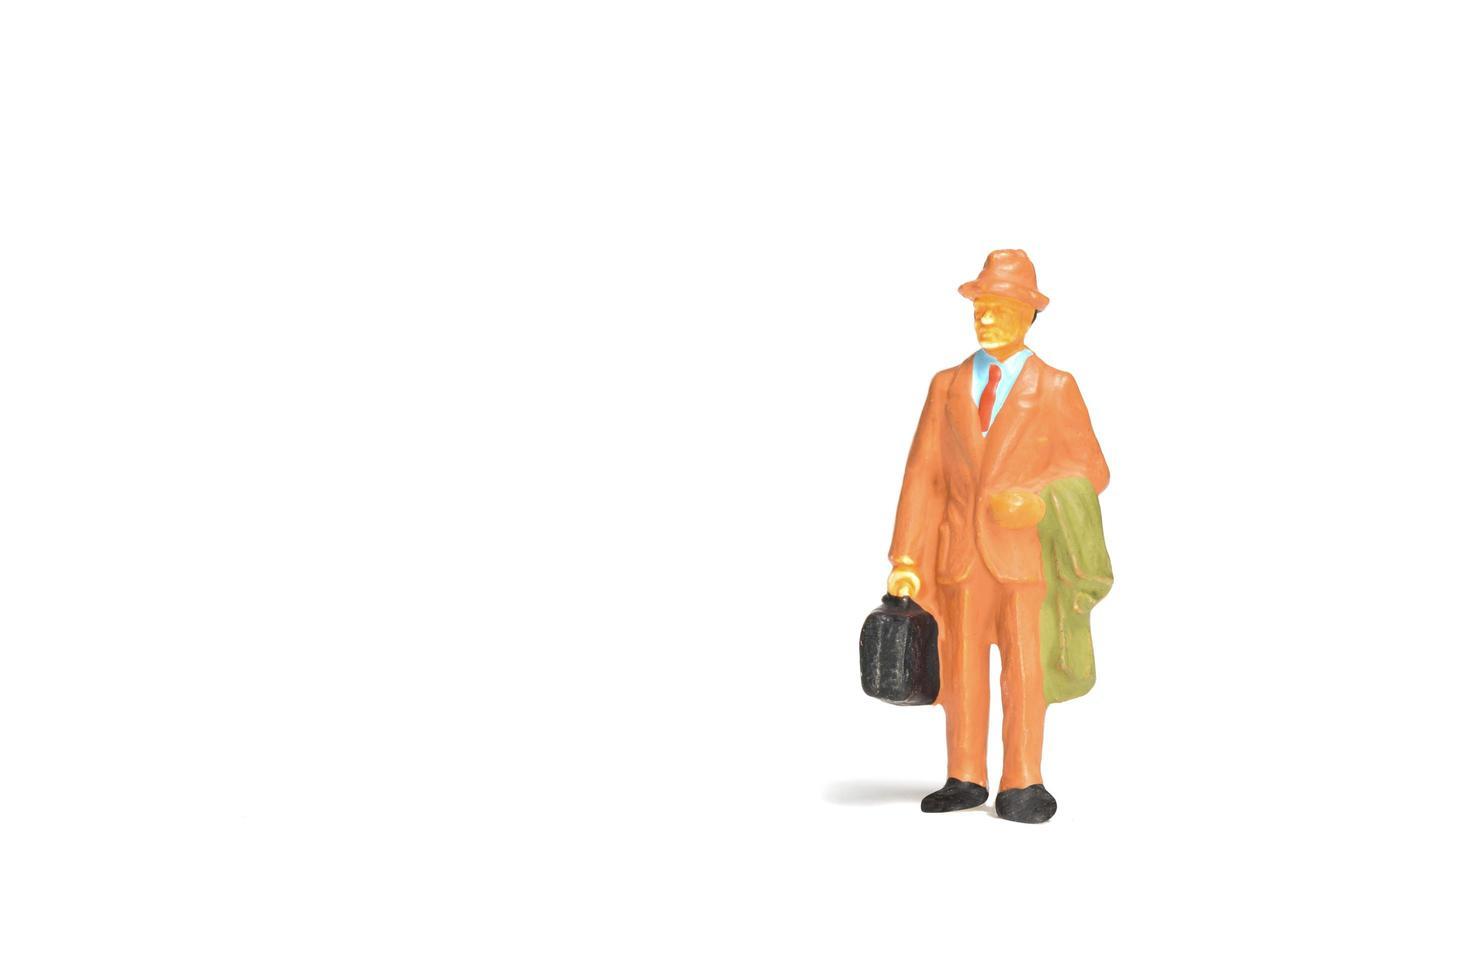 Viajero en miniatura sosteniendo un bolso de pie sobre un fondo blanco, concepto de viaje foto